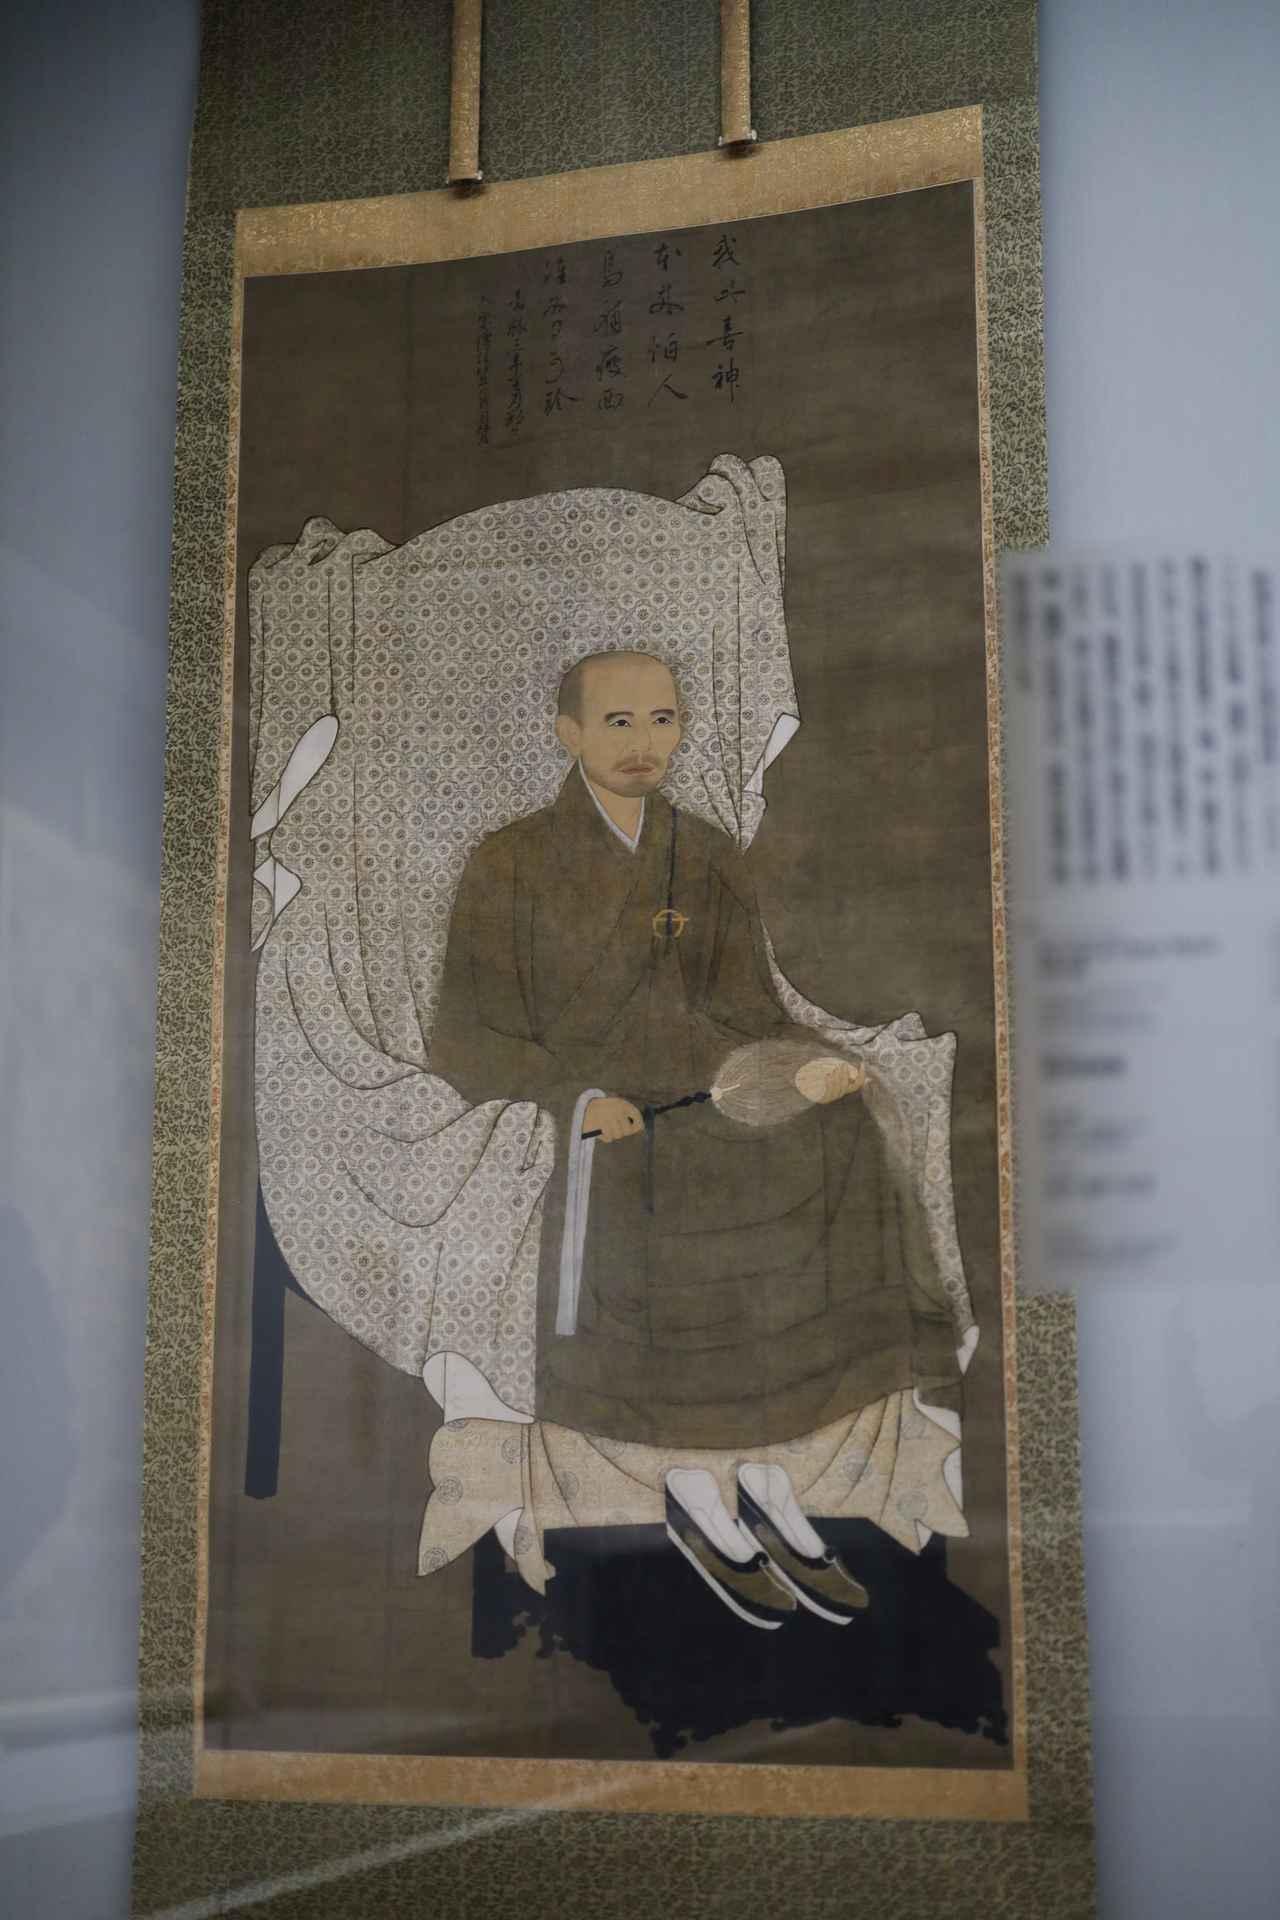 画像: 俊芿律師像 自賛 鎌倉時代 嘉禄3(1227)年 京都・御寺泉涌寺 重要文化財